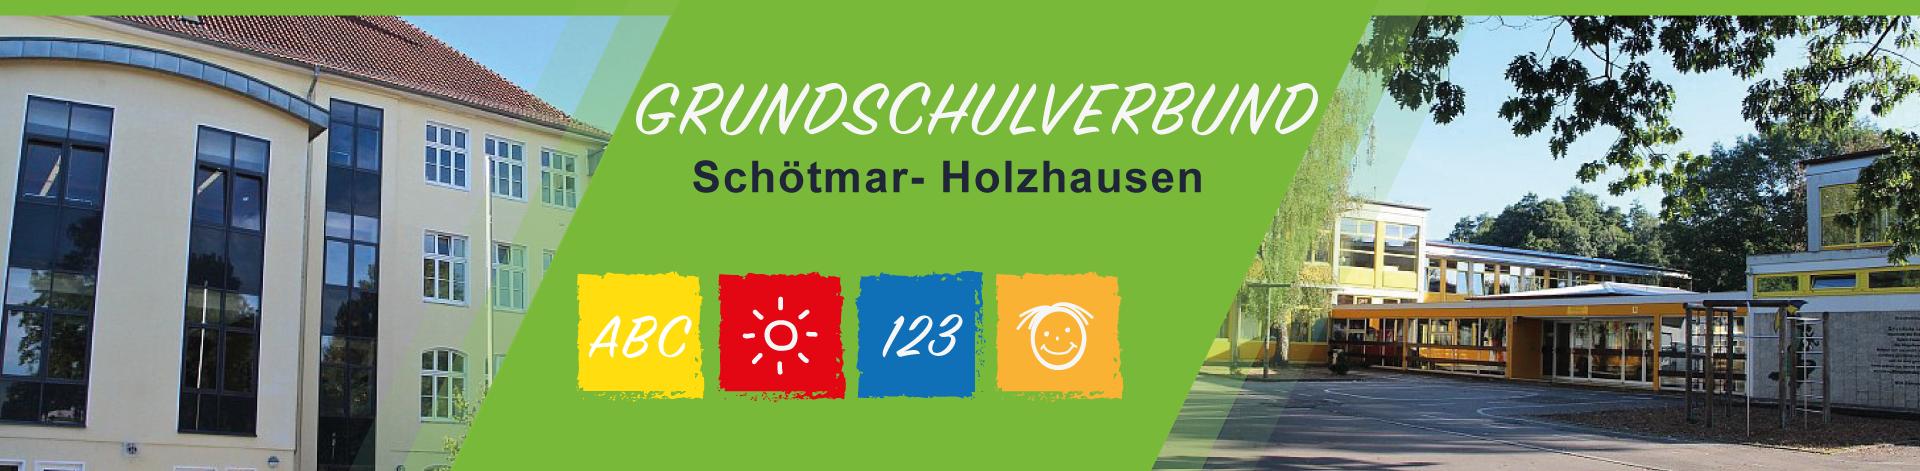 Grundschulverbund Schötmar-Holzhausen